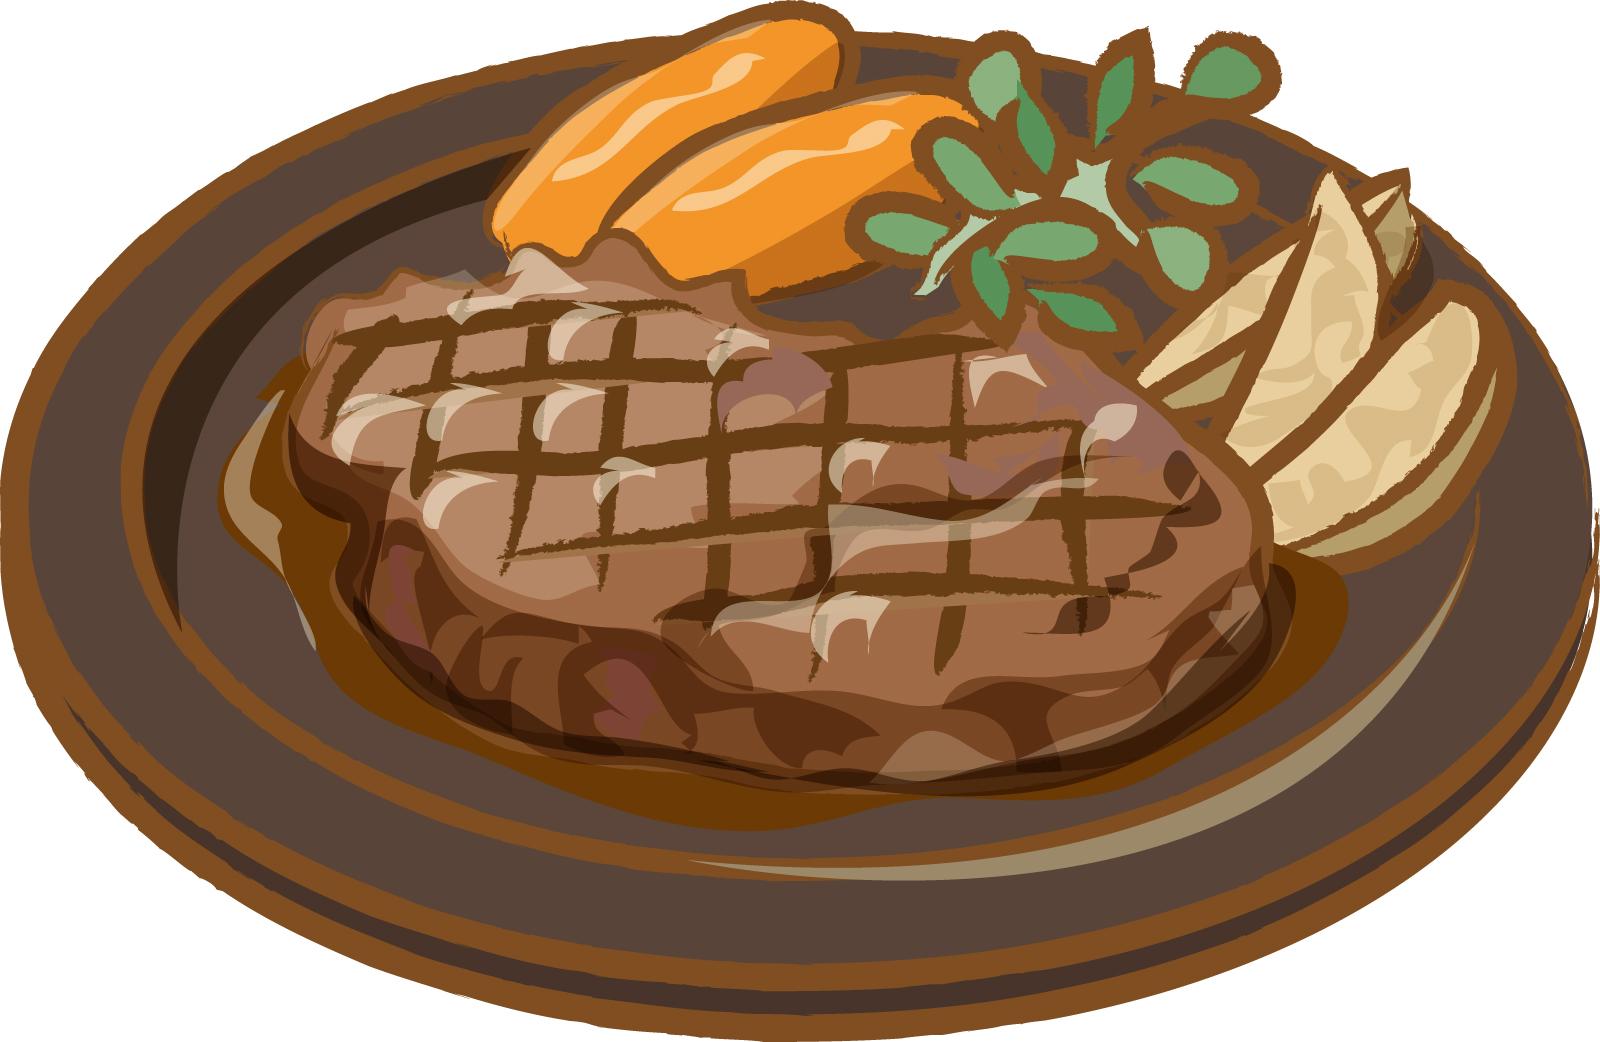 肉を食べ過ぎると痛風になる?肉が主食の私の尿酸値を公開